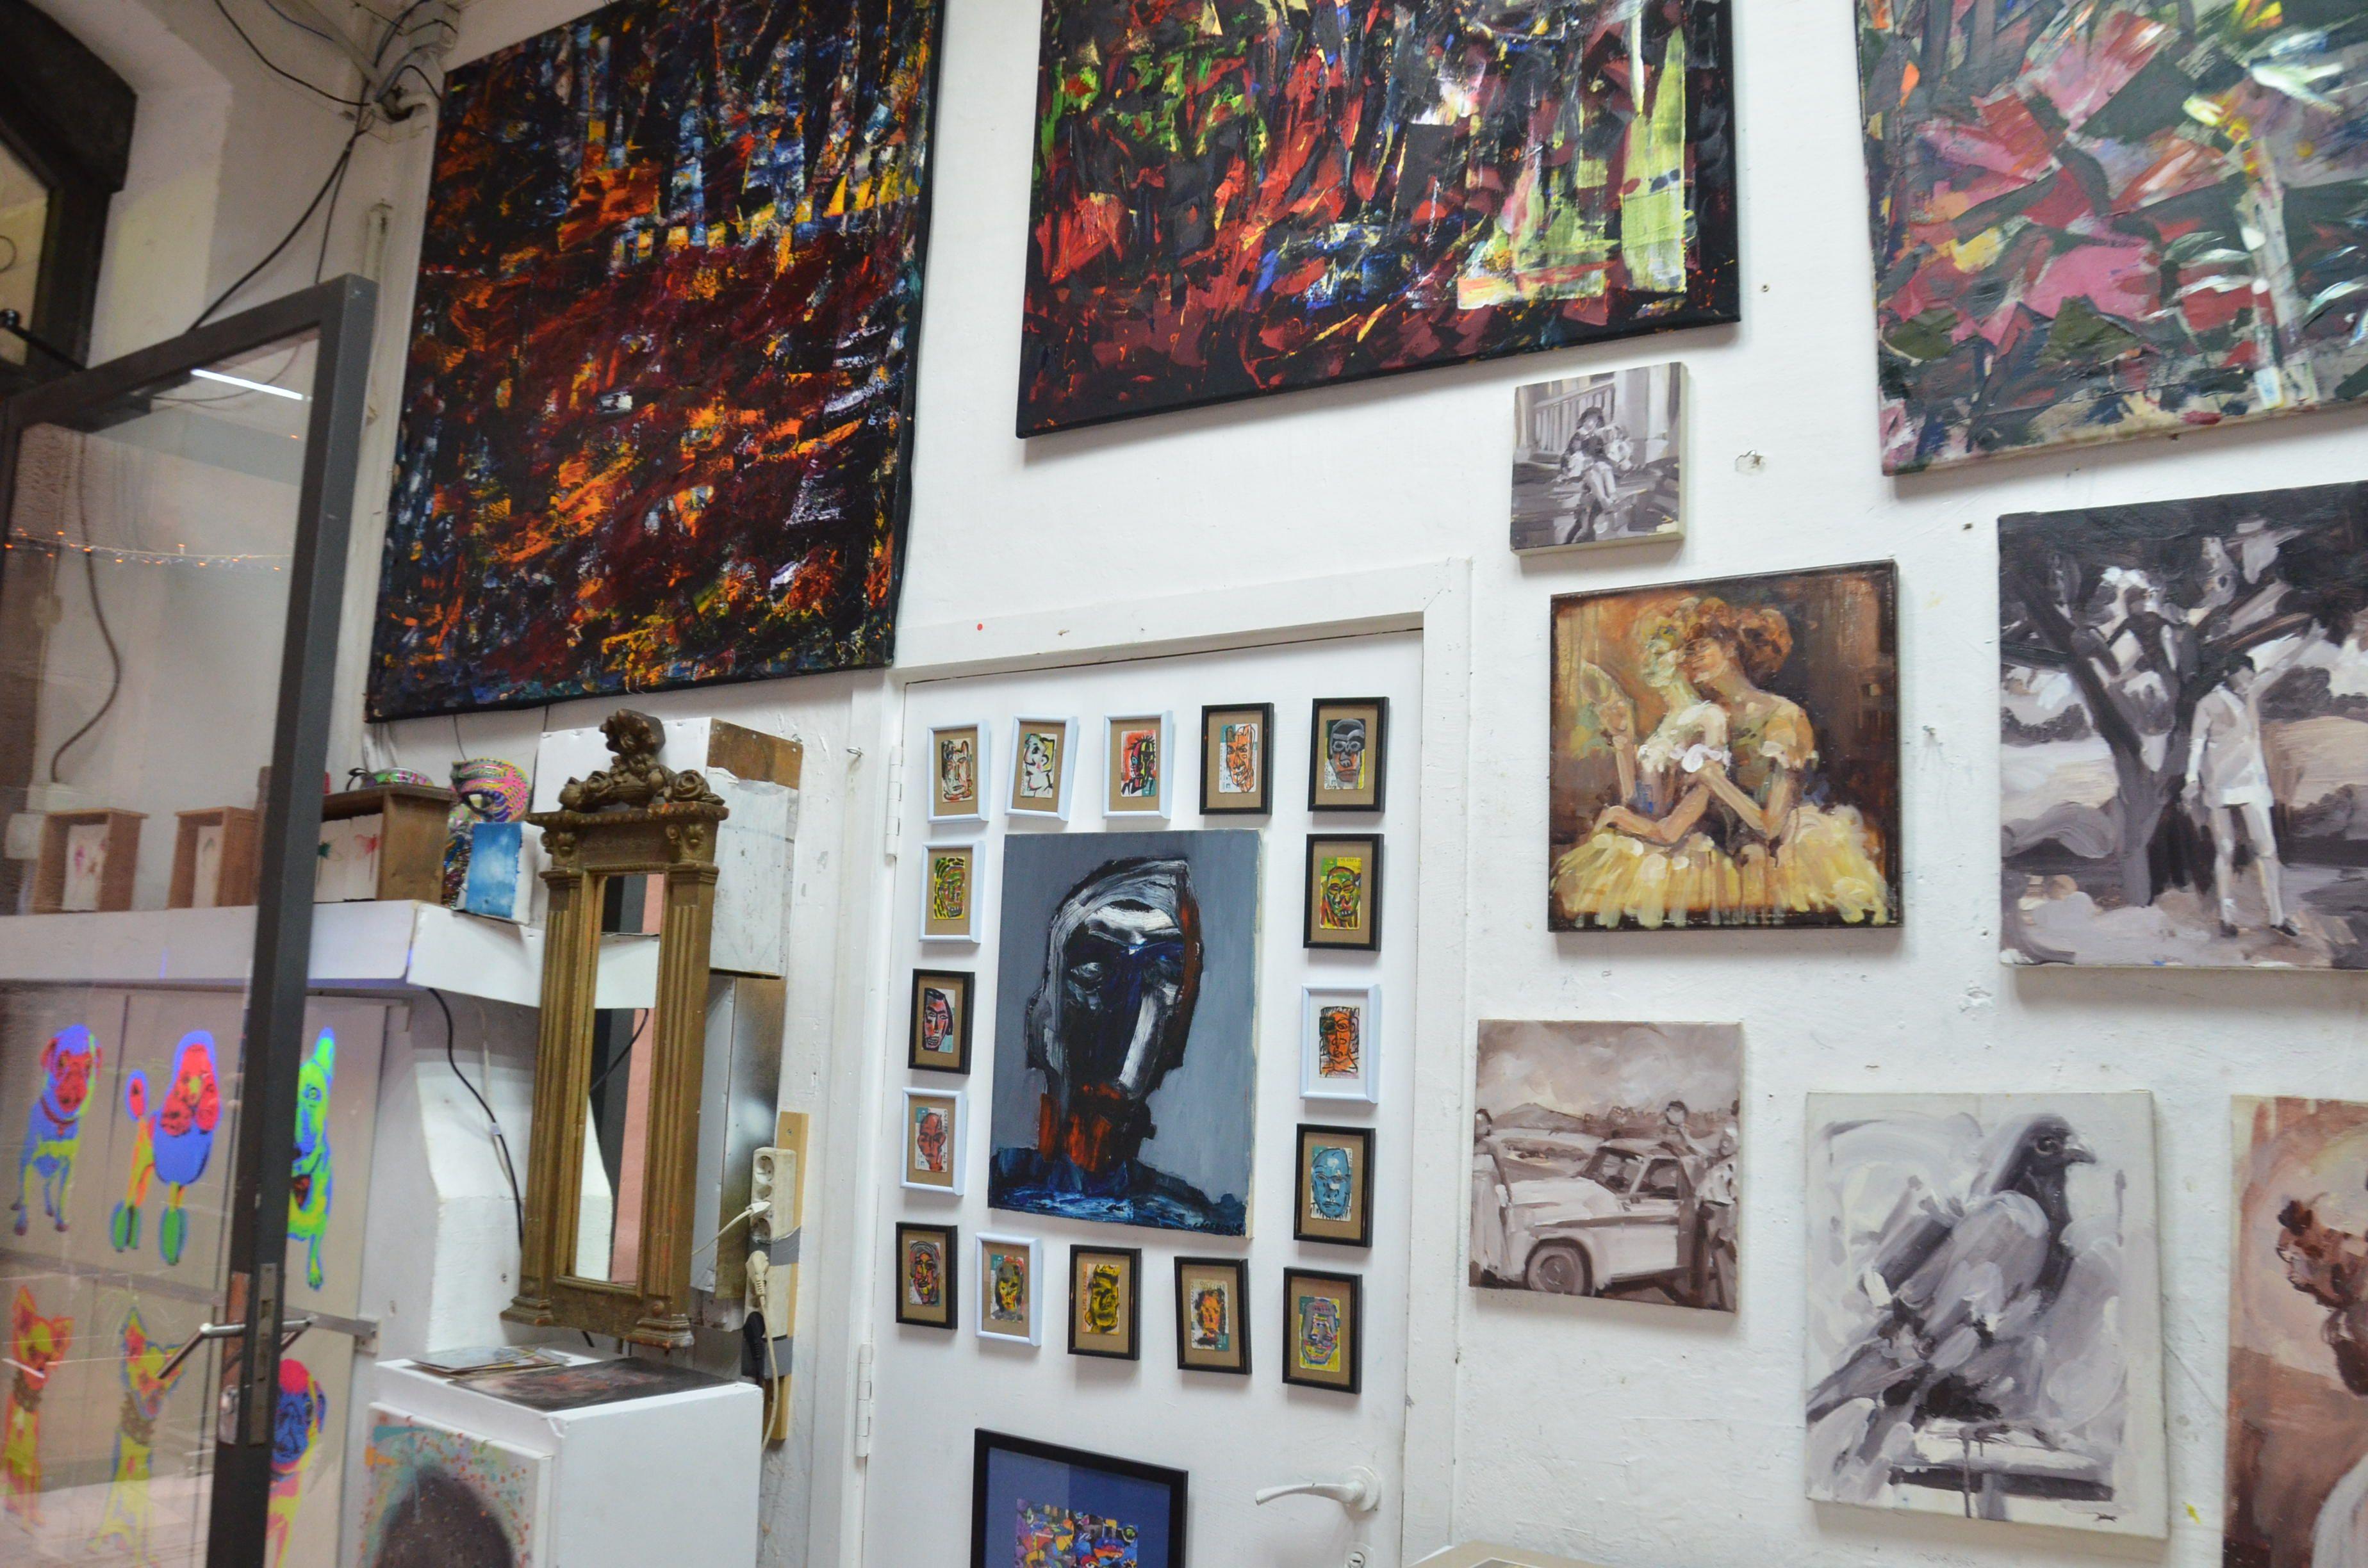 Darío Sigismondo Art Gallery and Workshop